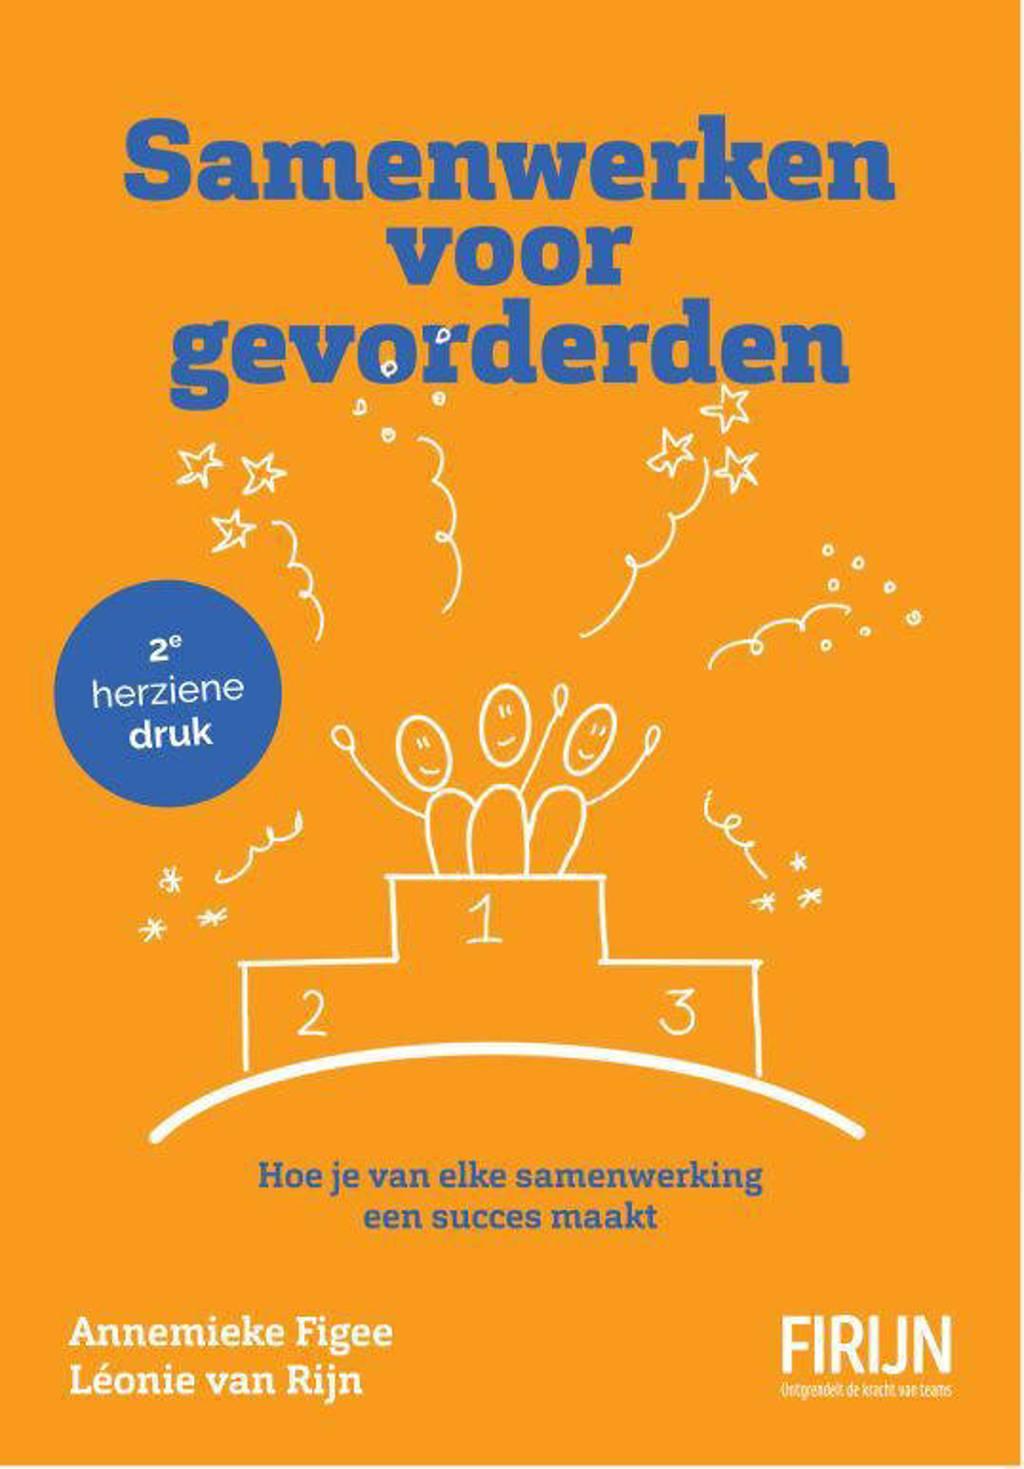 Samenwerken voor gevorderden - Anemmieke Figee en Leonie van Rijn